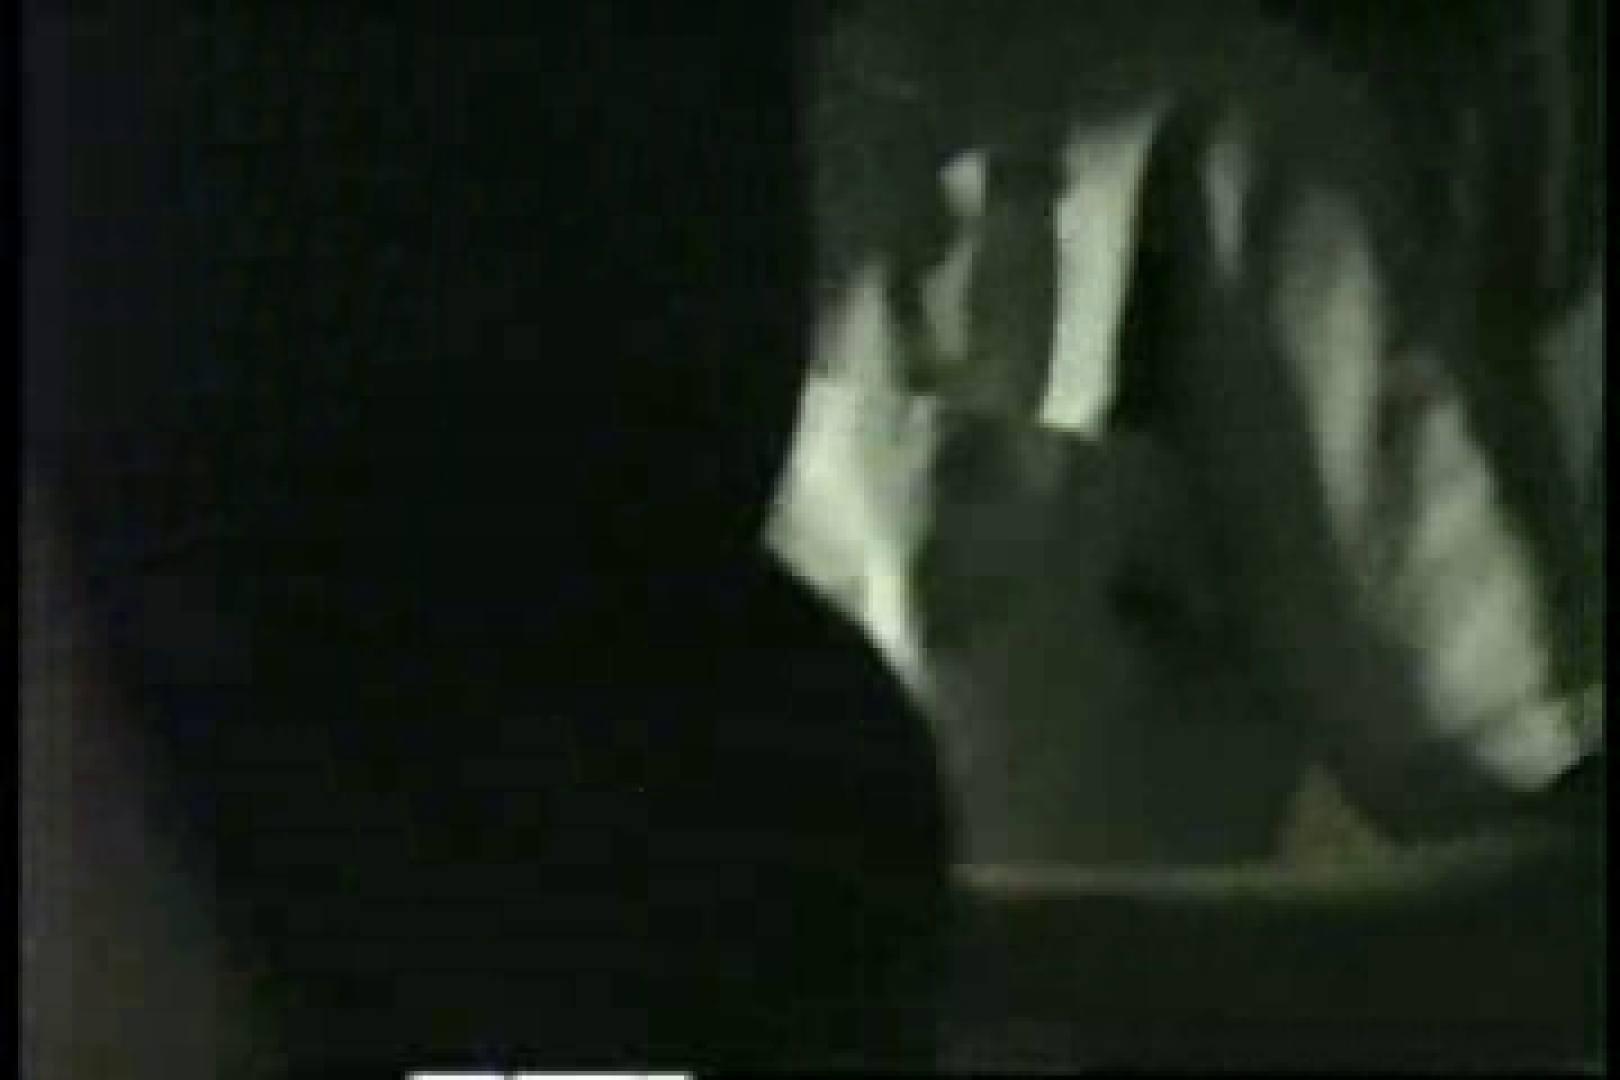 【実録個人撮影】男の子達の禁断の愛欲性活!!vol.03 男祭り ゲイエロビデオ画像 107枚 65